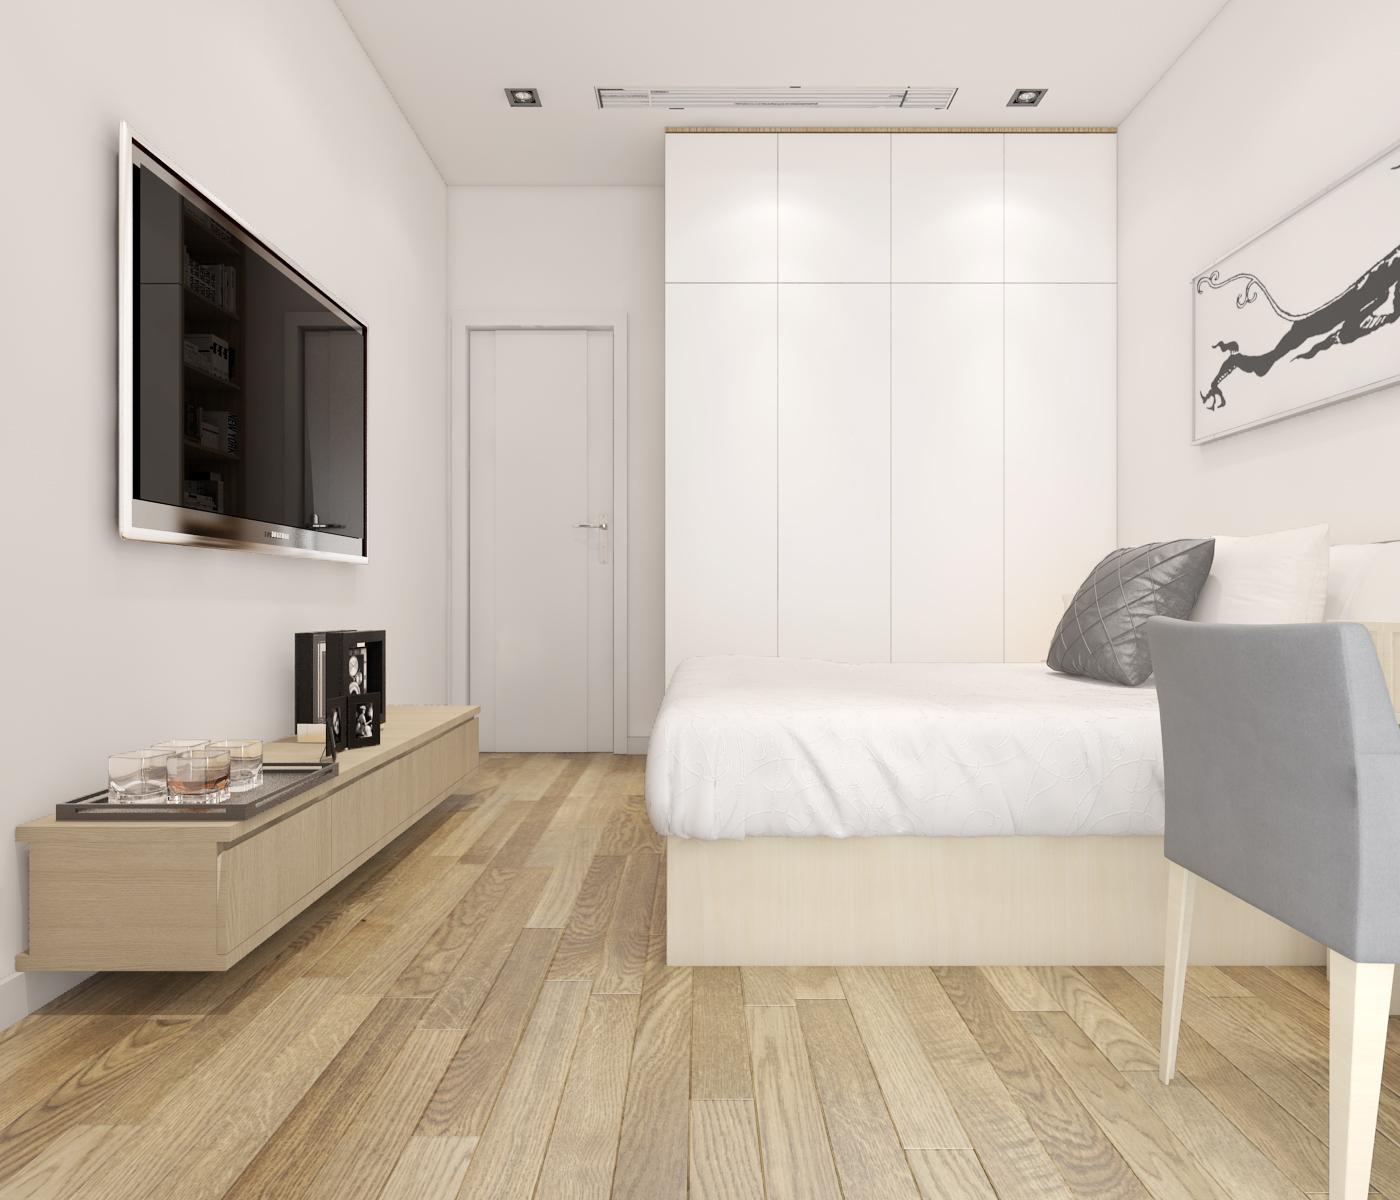 thiết kế nội thất Biệt Thự tại Hà Nội bt Vinhomes - riverside 50 1568085373